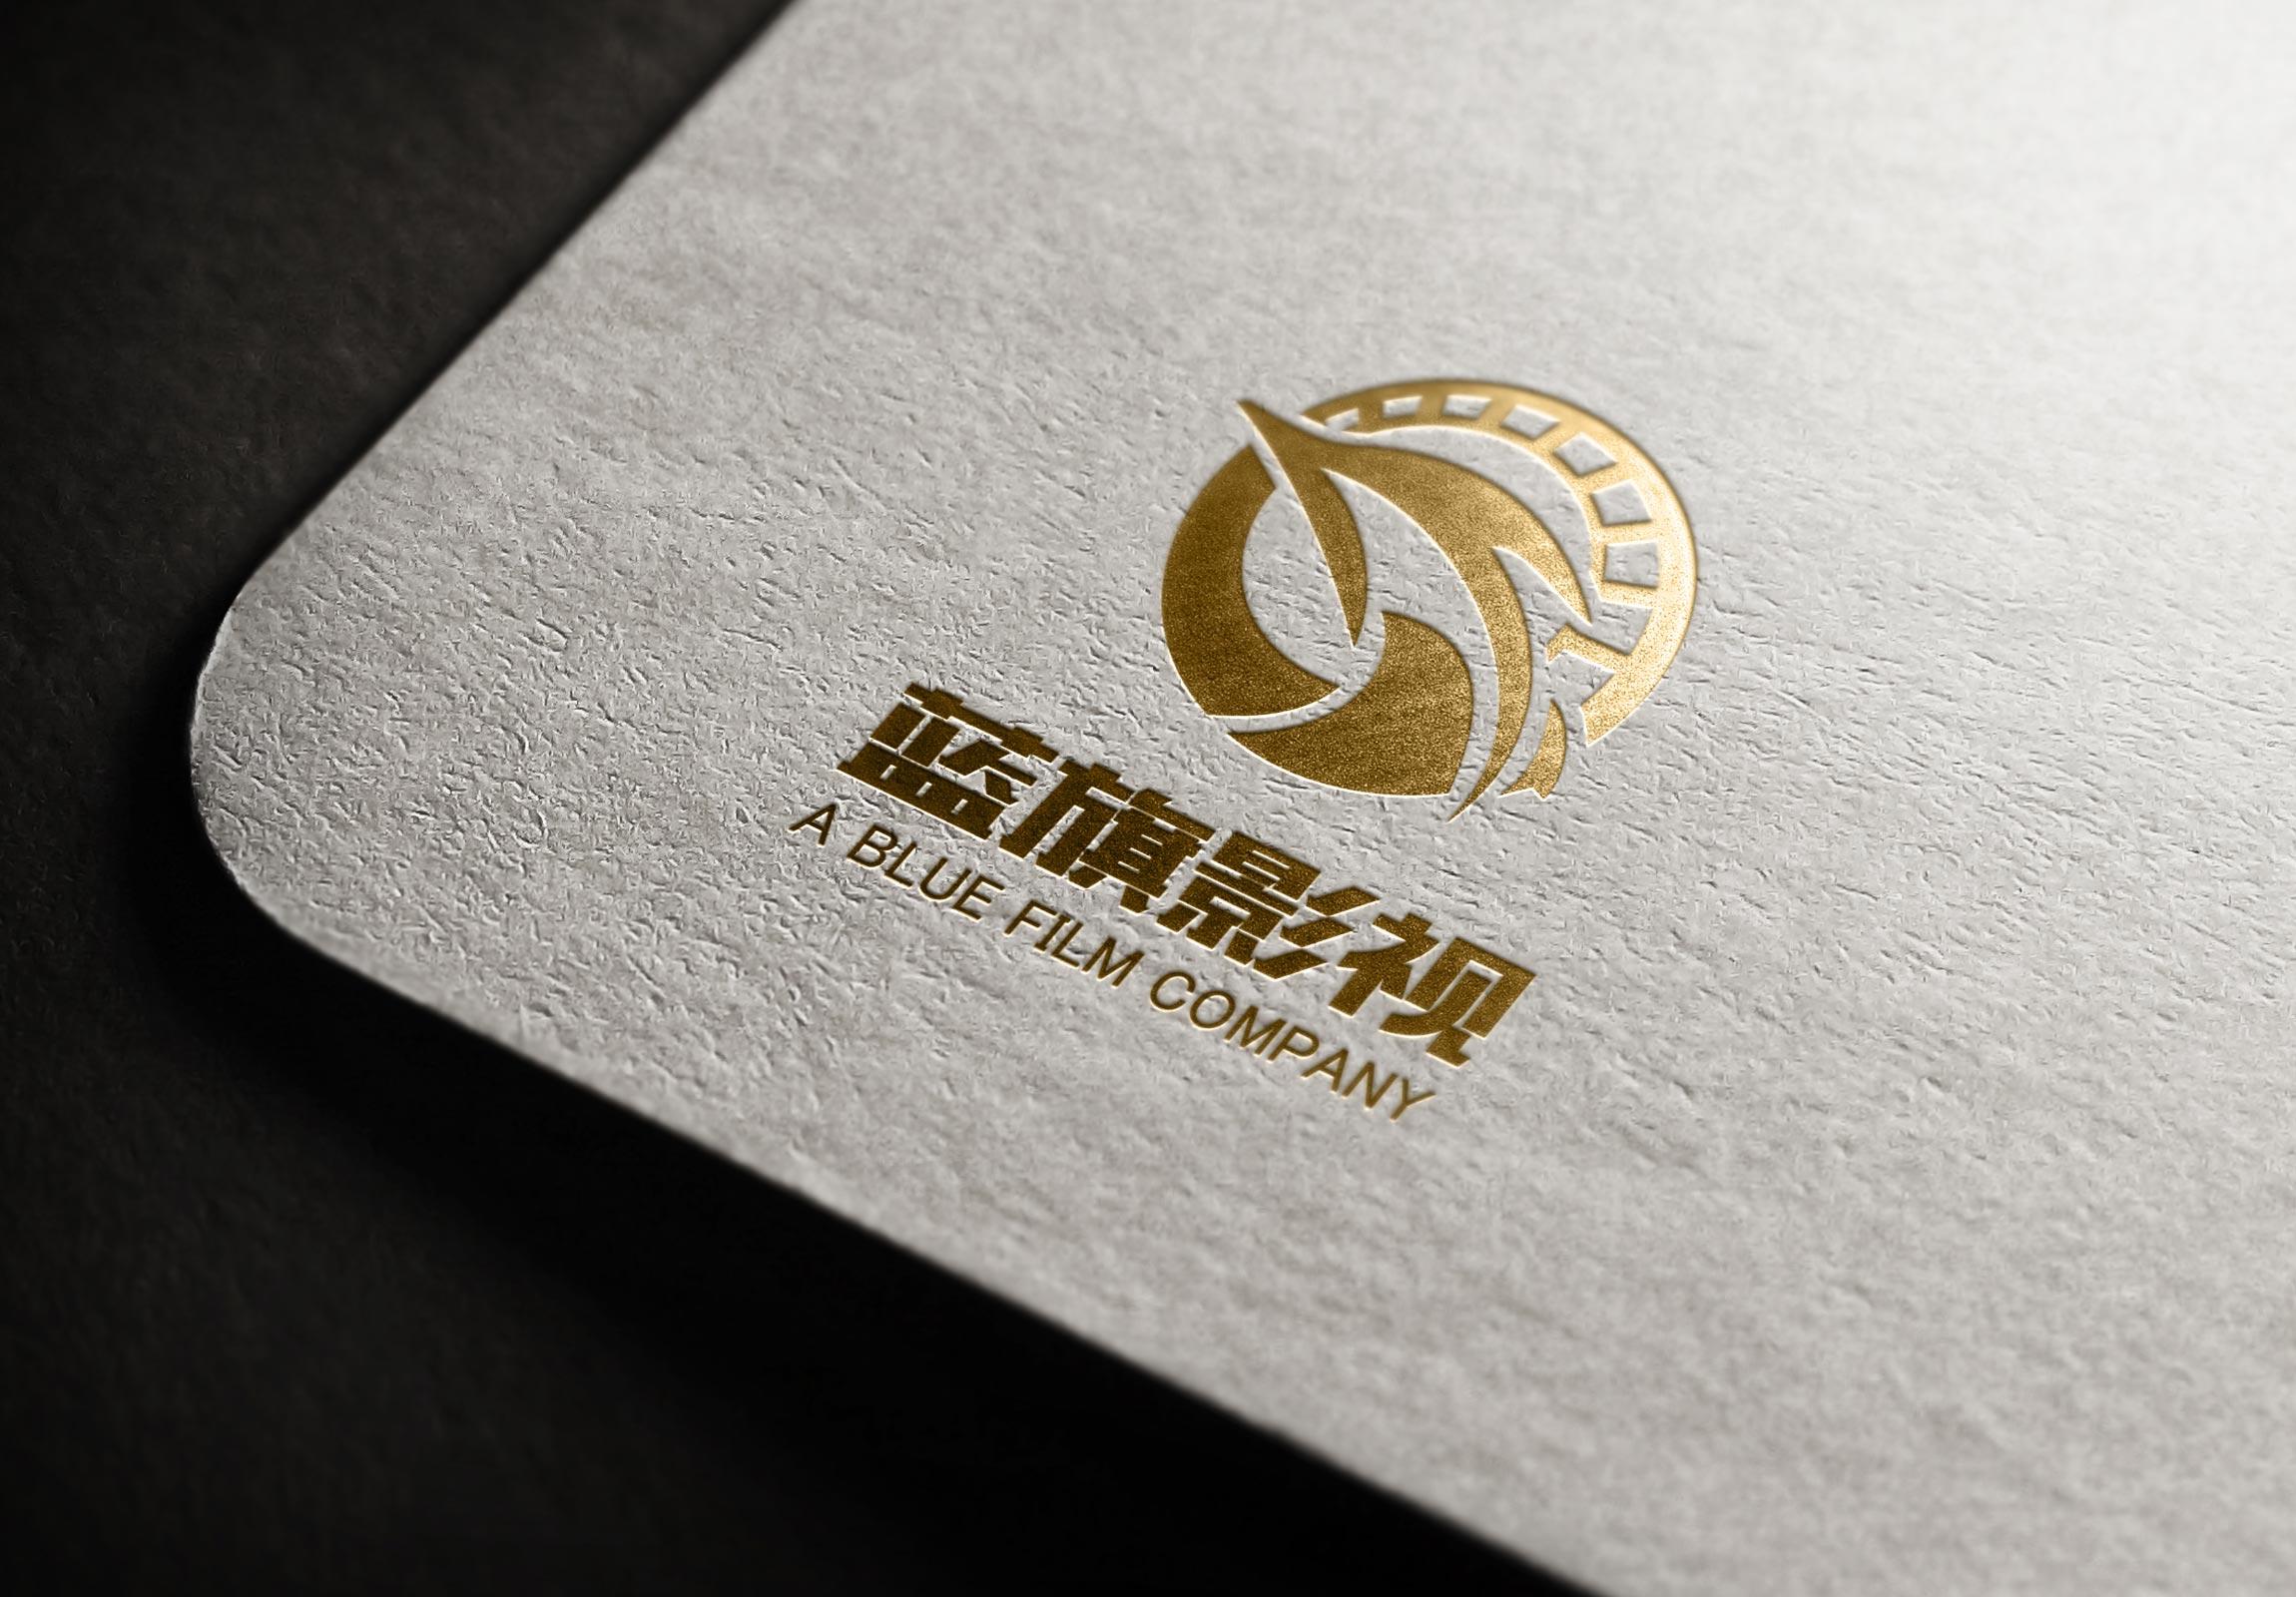 LQ-CARD